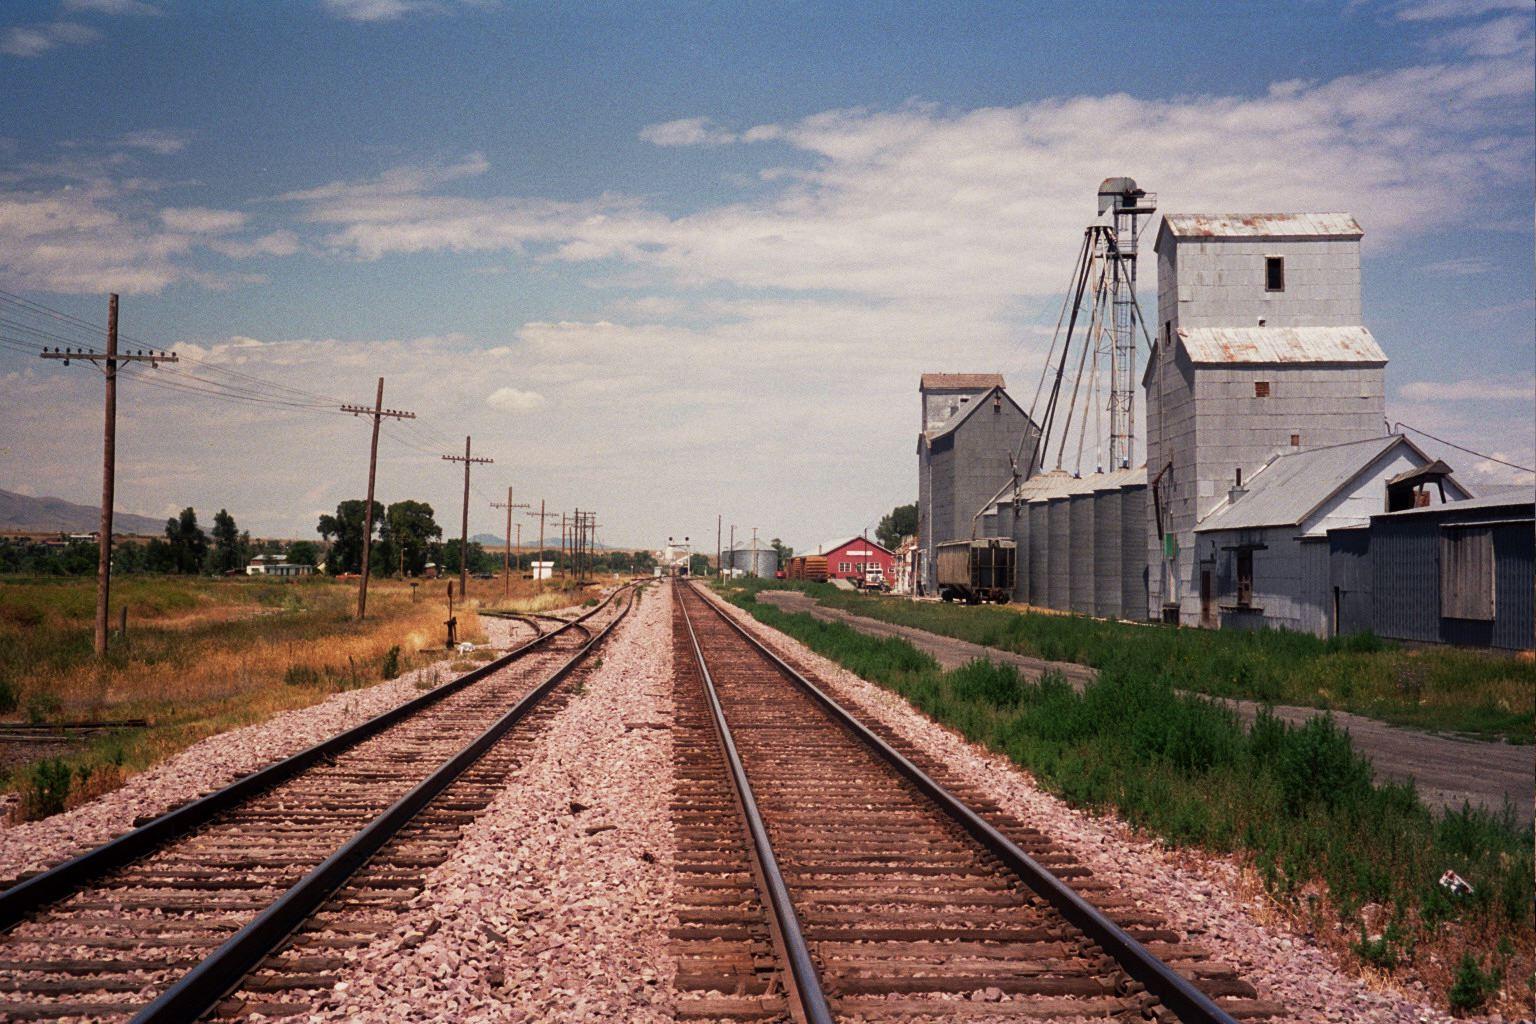 鉄道路線への進入をドローンで監視。アメリカ初の計画が進行中